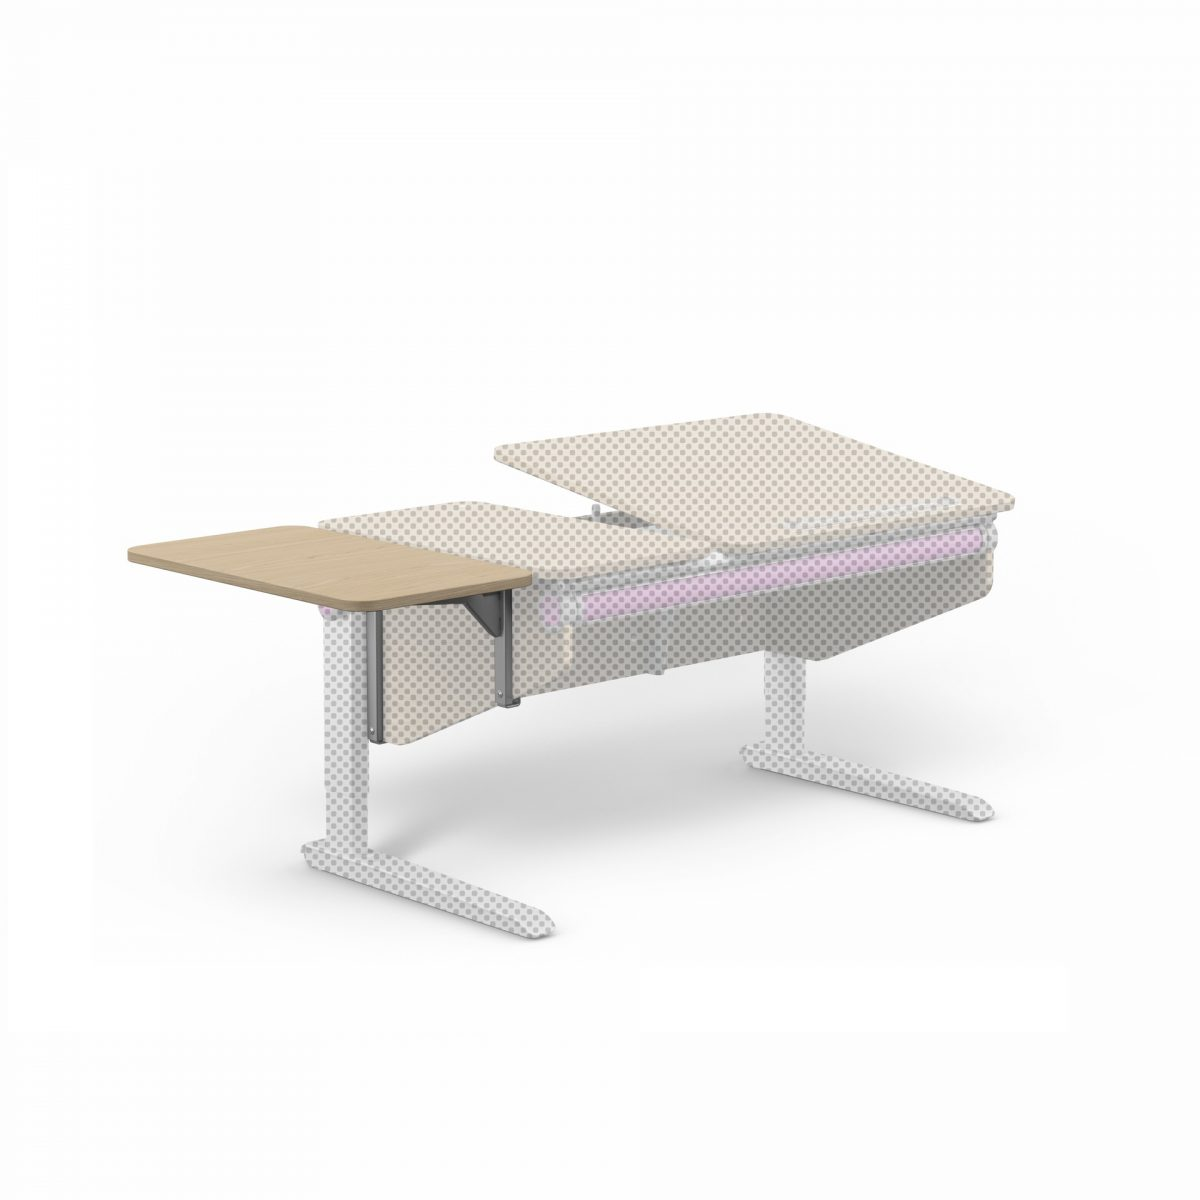 Side top pristavba k detskemu rostoucimu stolu Winner 1 - Delso - dětský, kancelářský a bytový nábytek